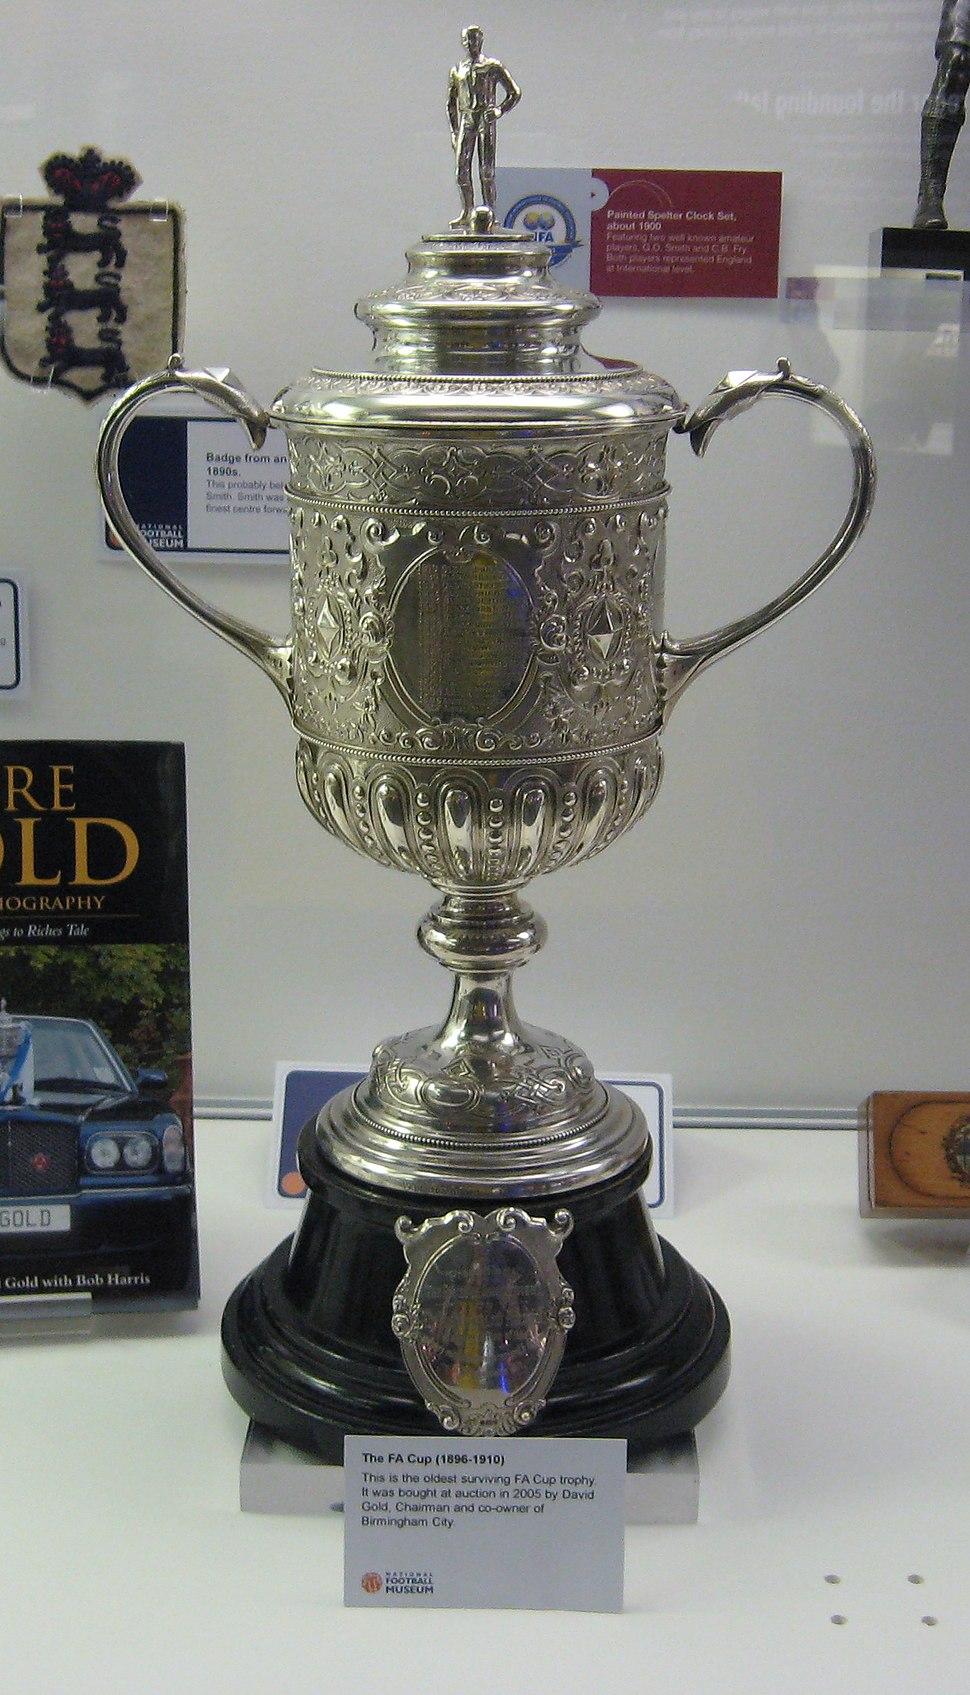 1896 FA Cup